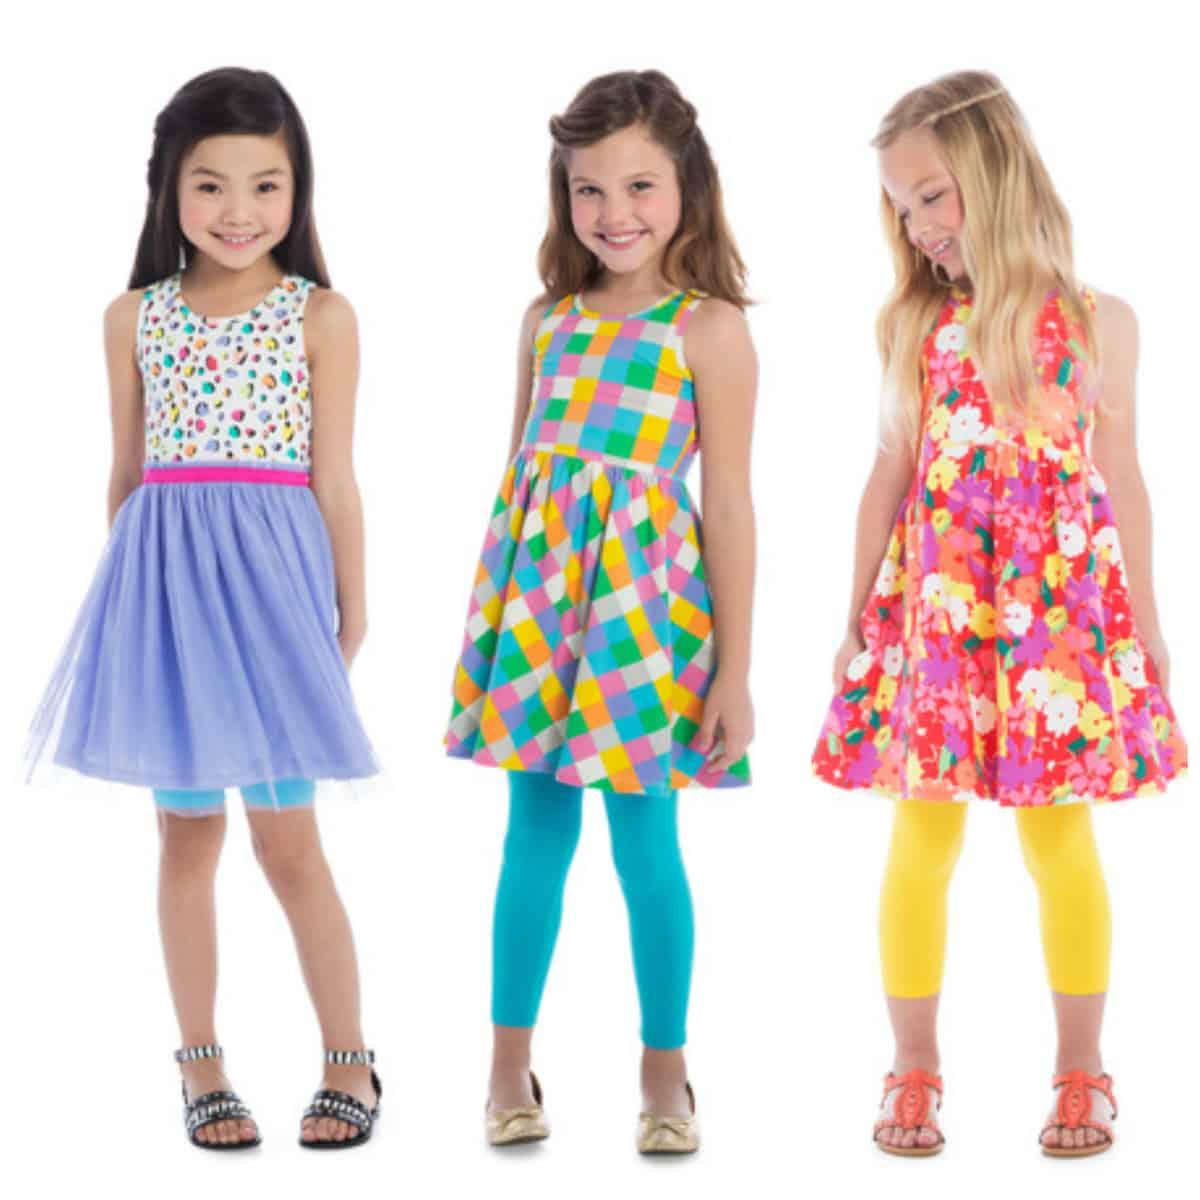 f4978b5b9ead FabKids Summer Fashion - A Sparkle of Genius